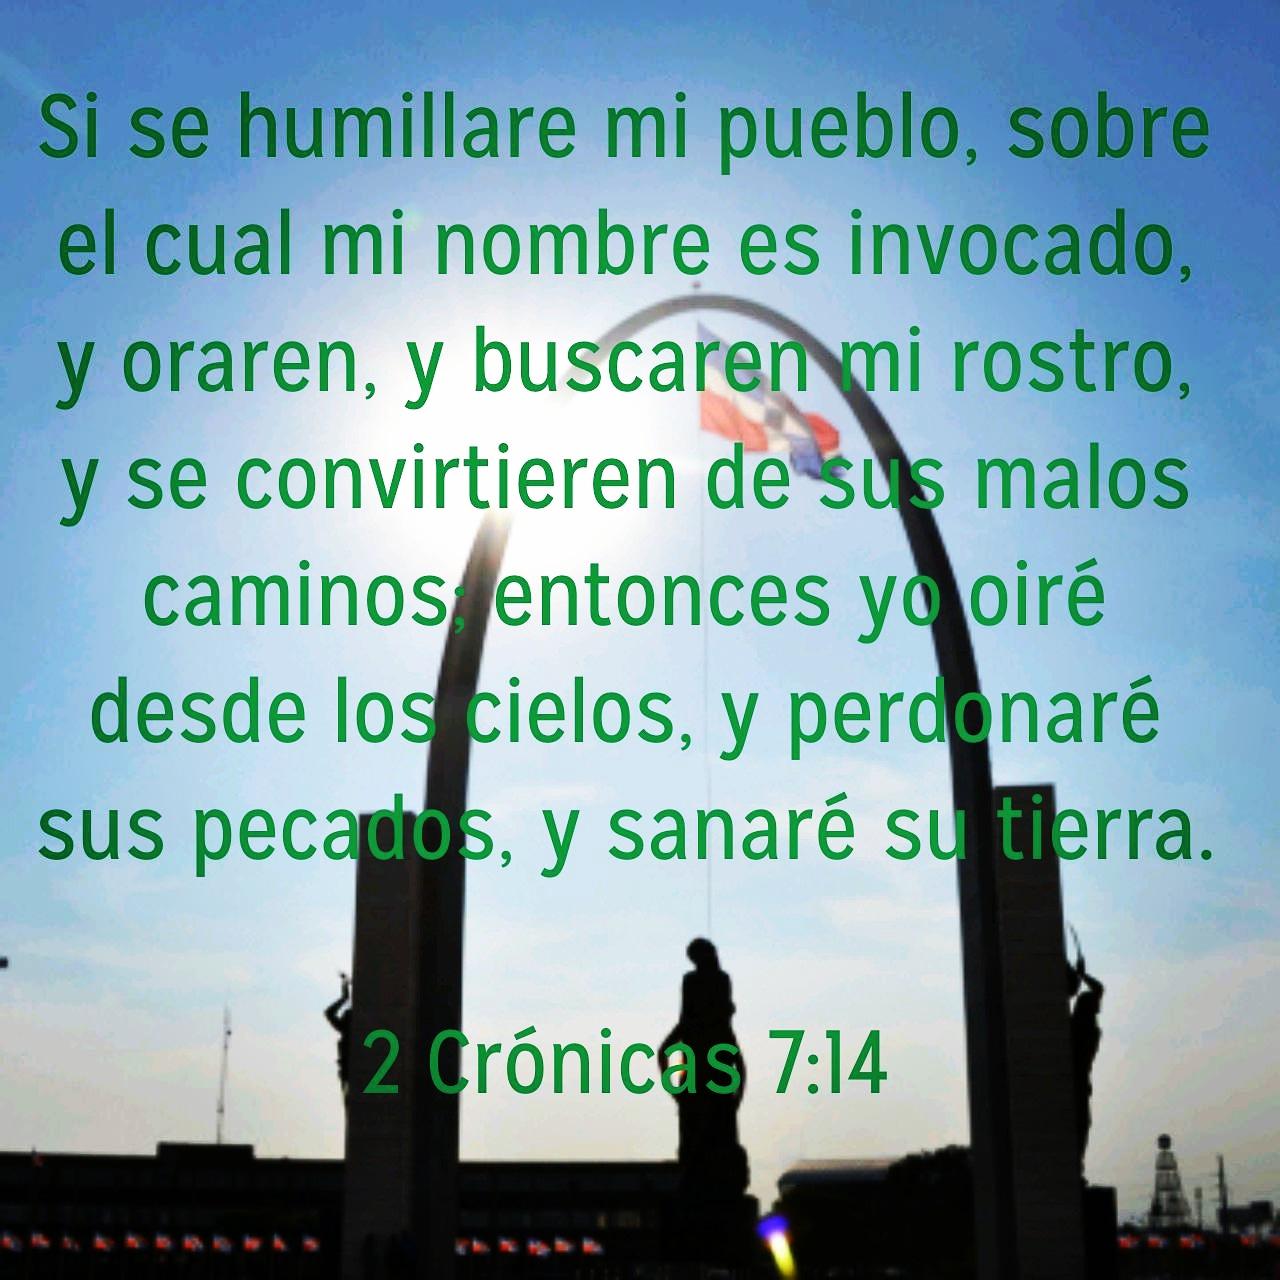 Versiculo Del Dia 2 Cronicas 7 14